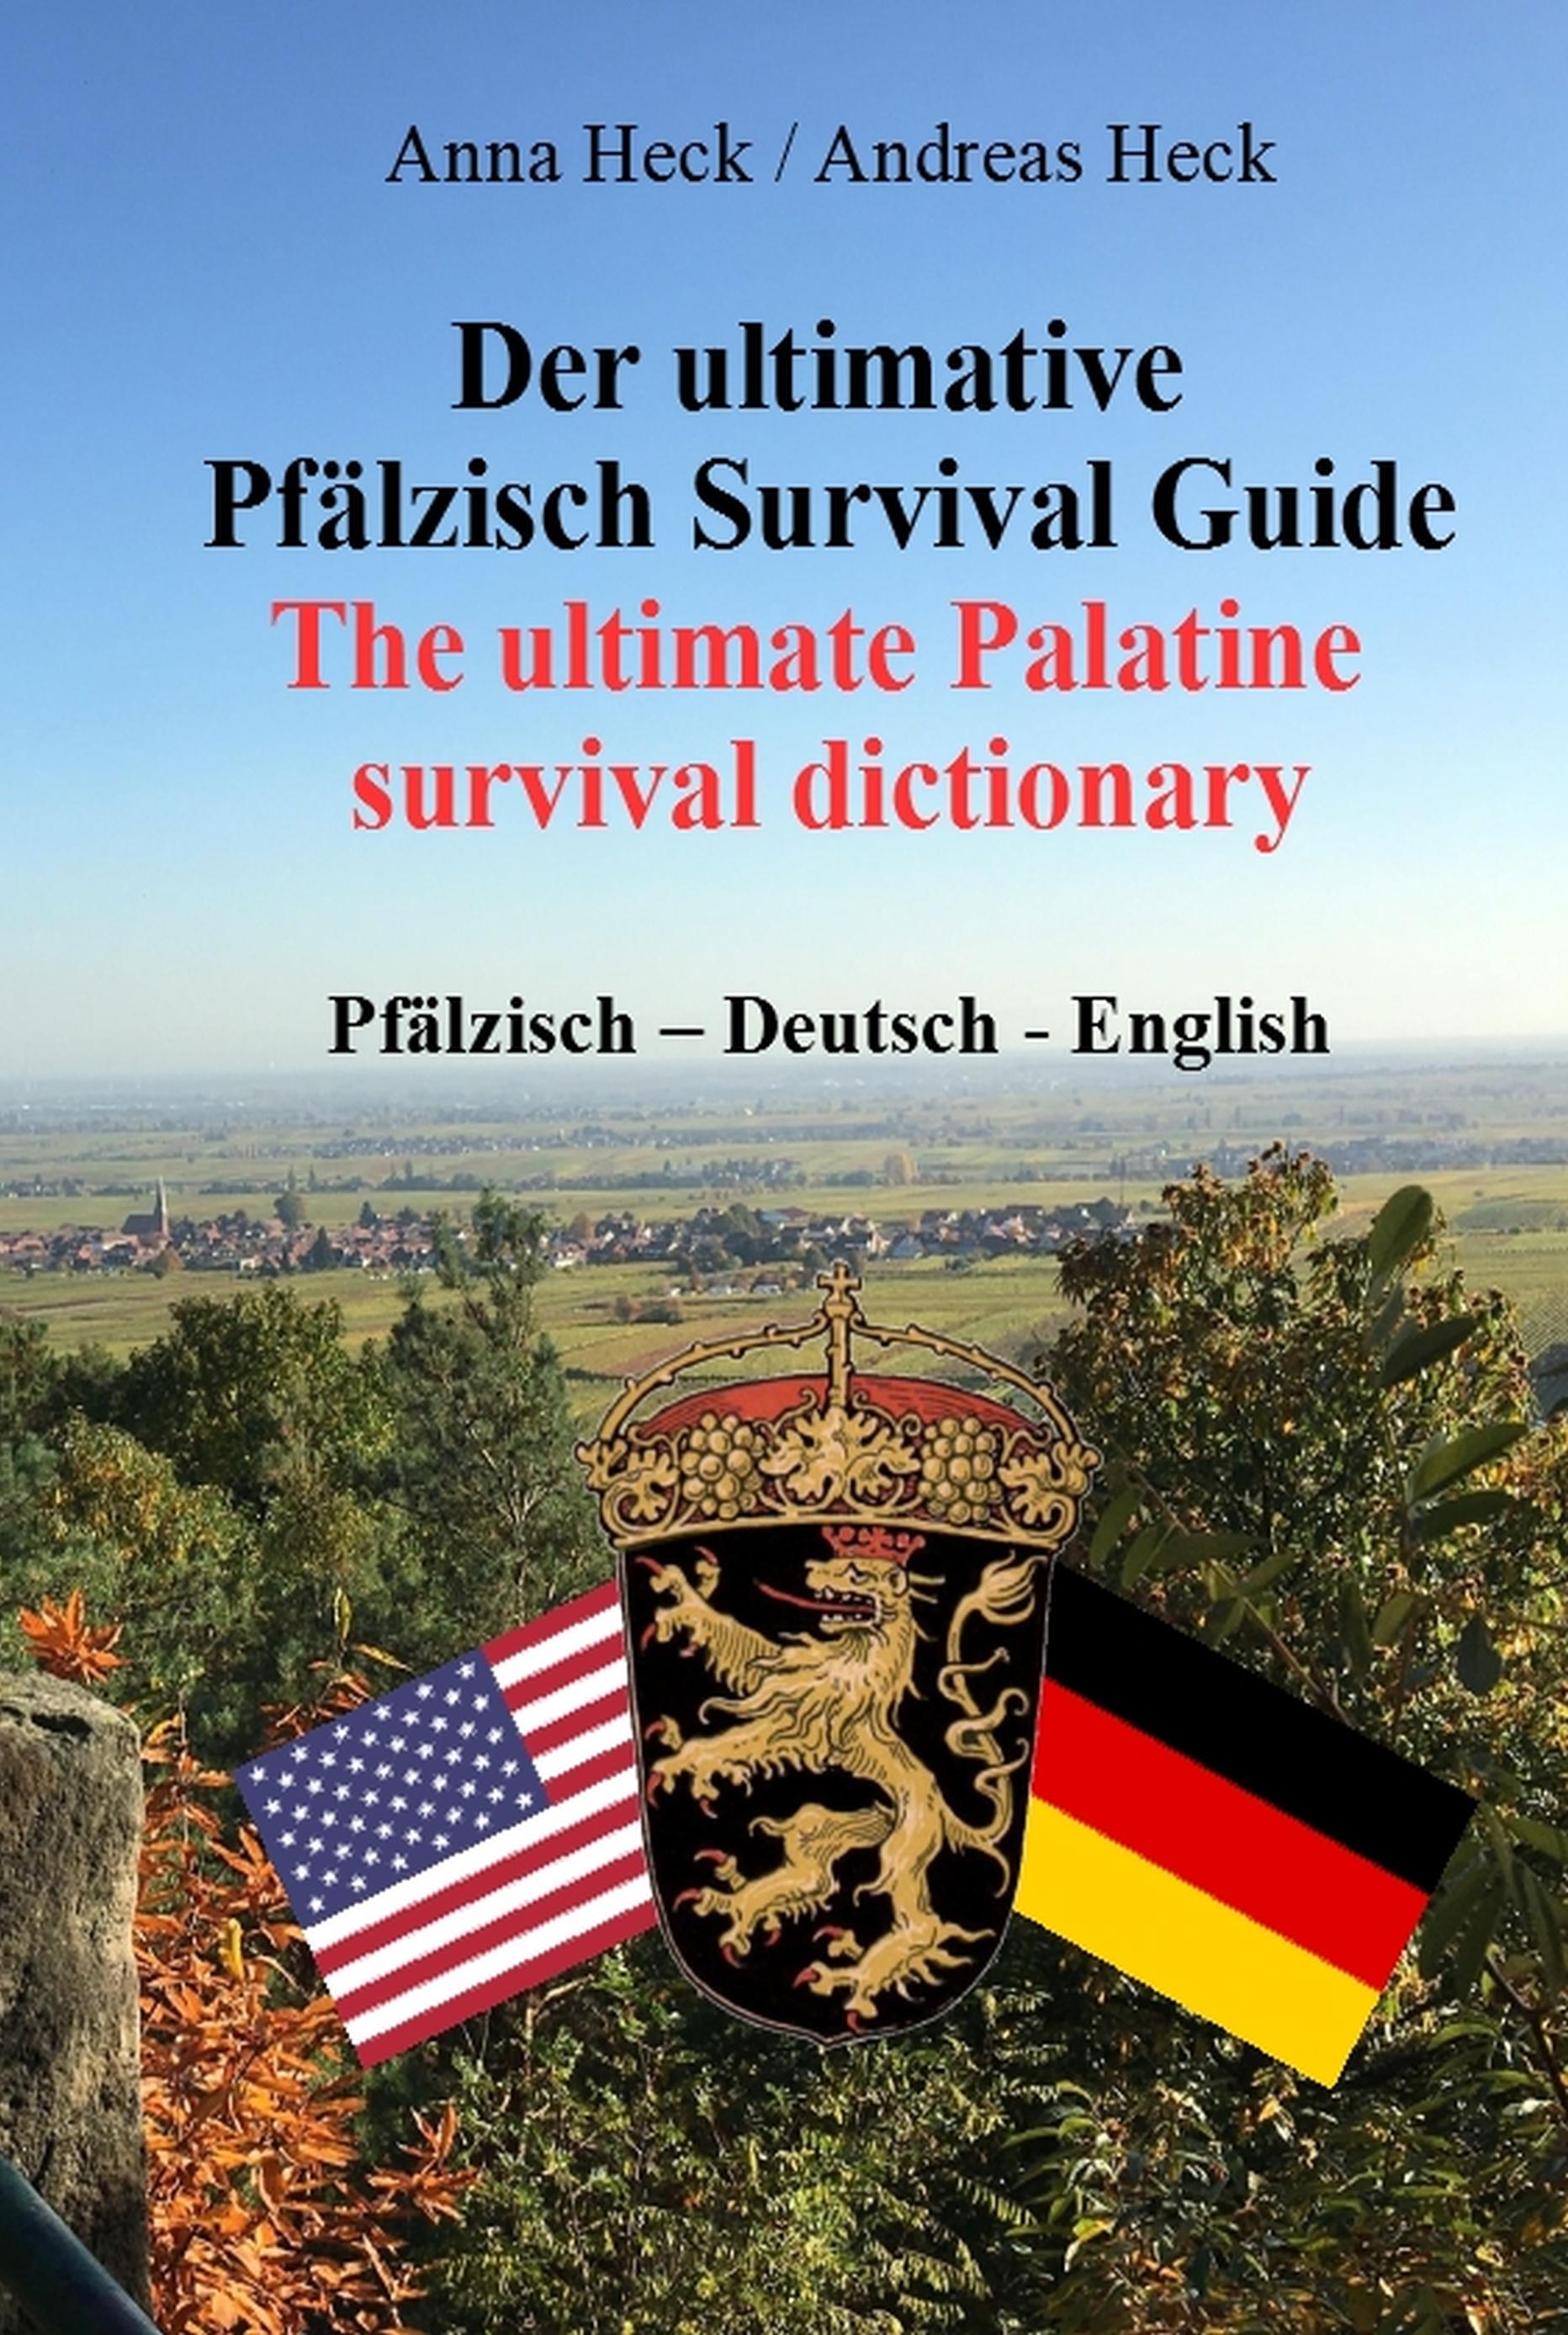 """Ausschnitt des Covers von """"Der ultimative Pfälzisch Survival Guide"""" mit internem Link zu """"Kleine Lesevergügen"""""""